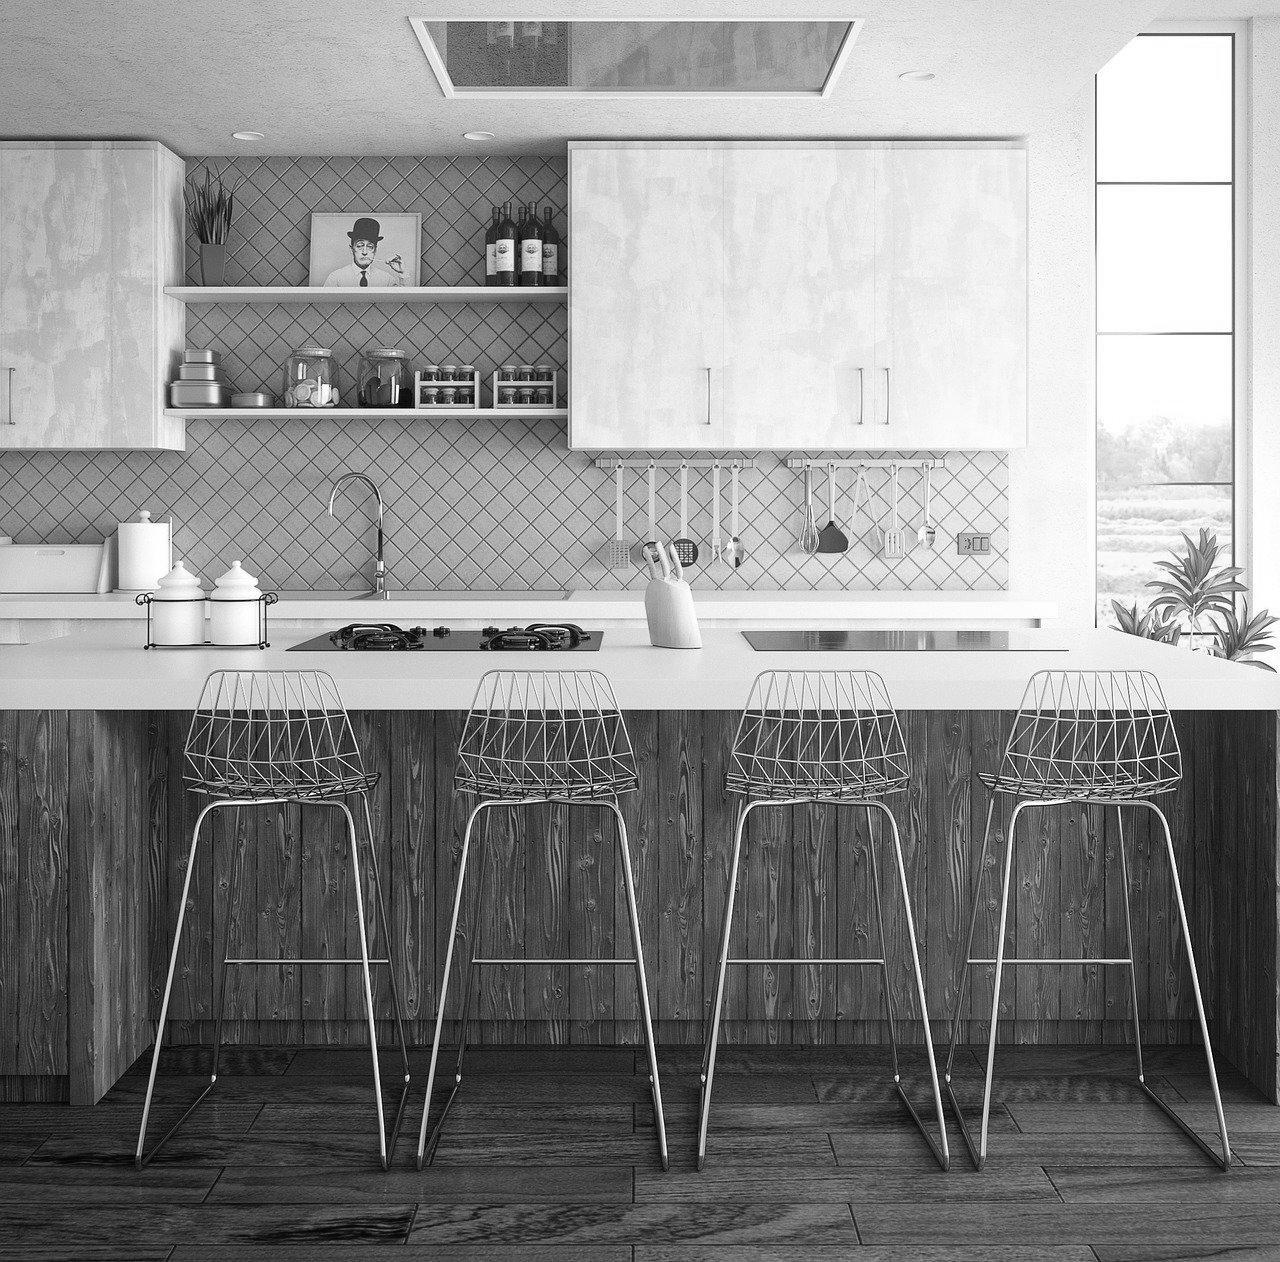 Rénovation de cuisine à Castelsarrasin 82100 : Les tarifs